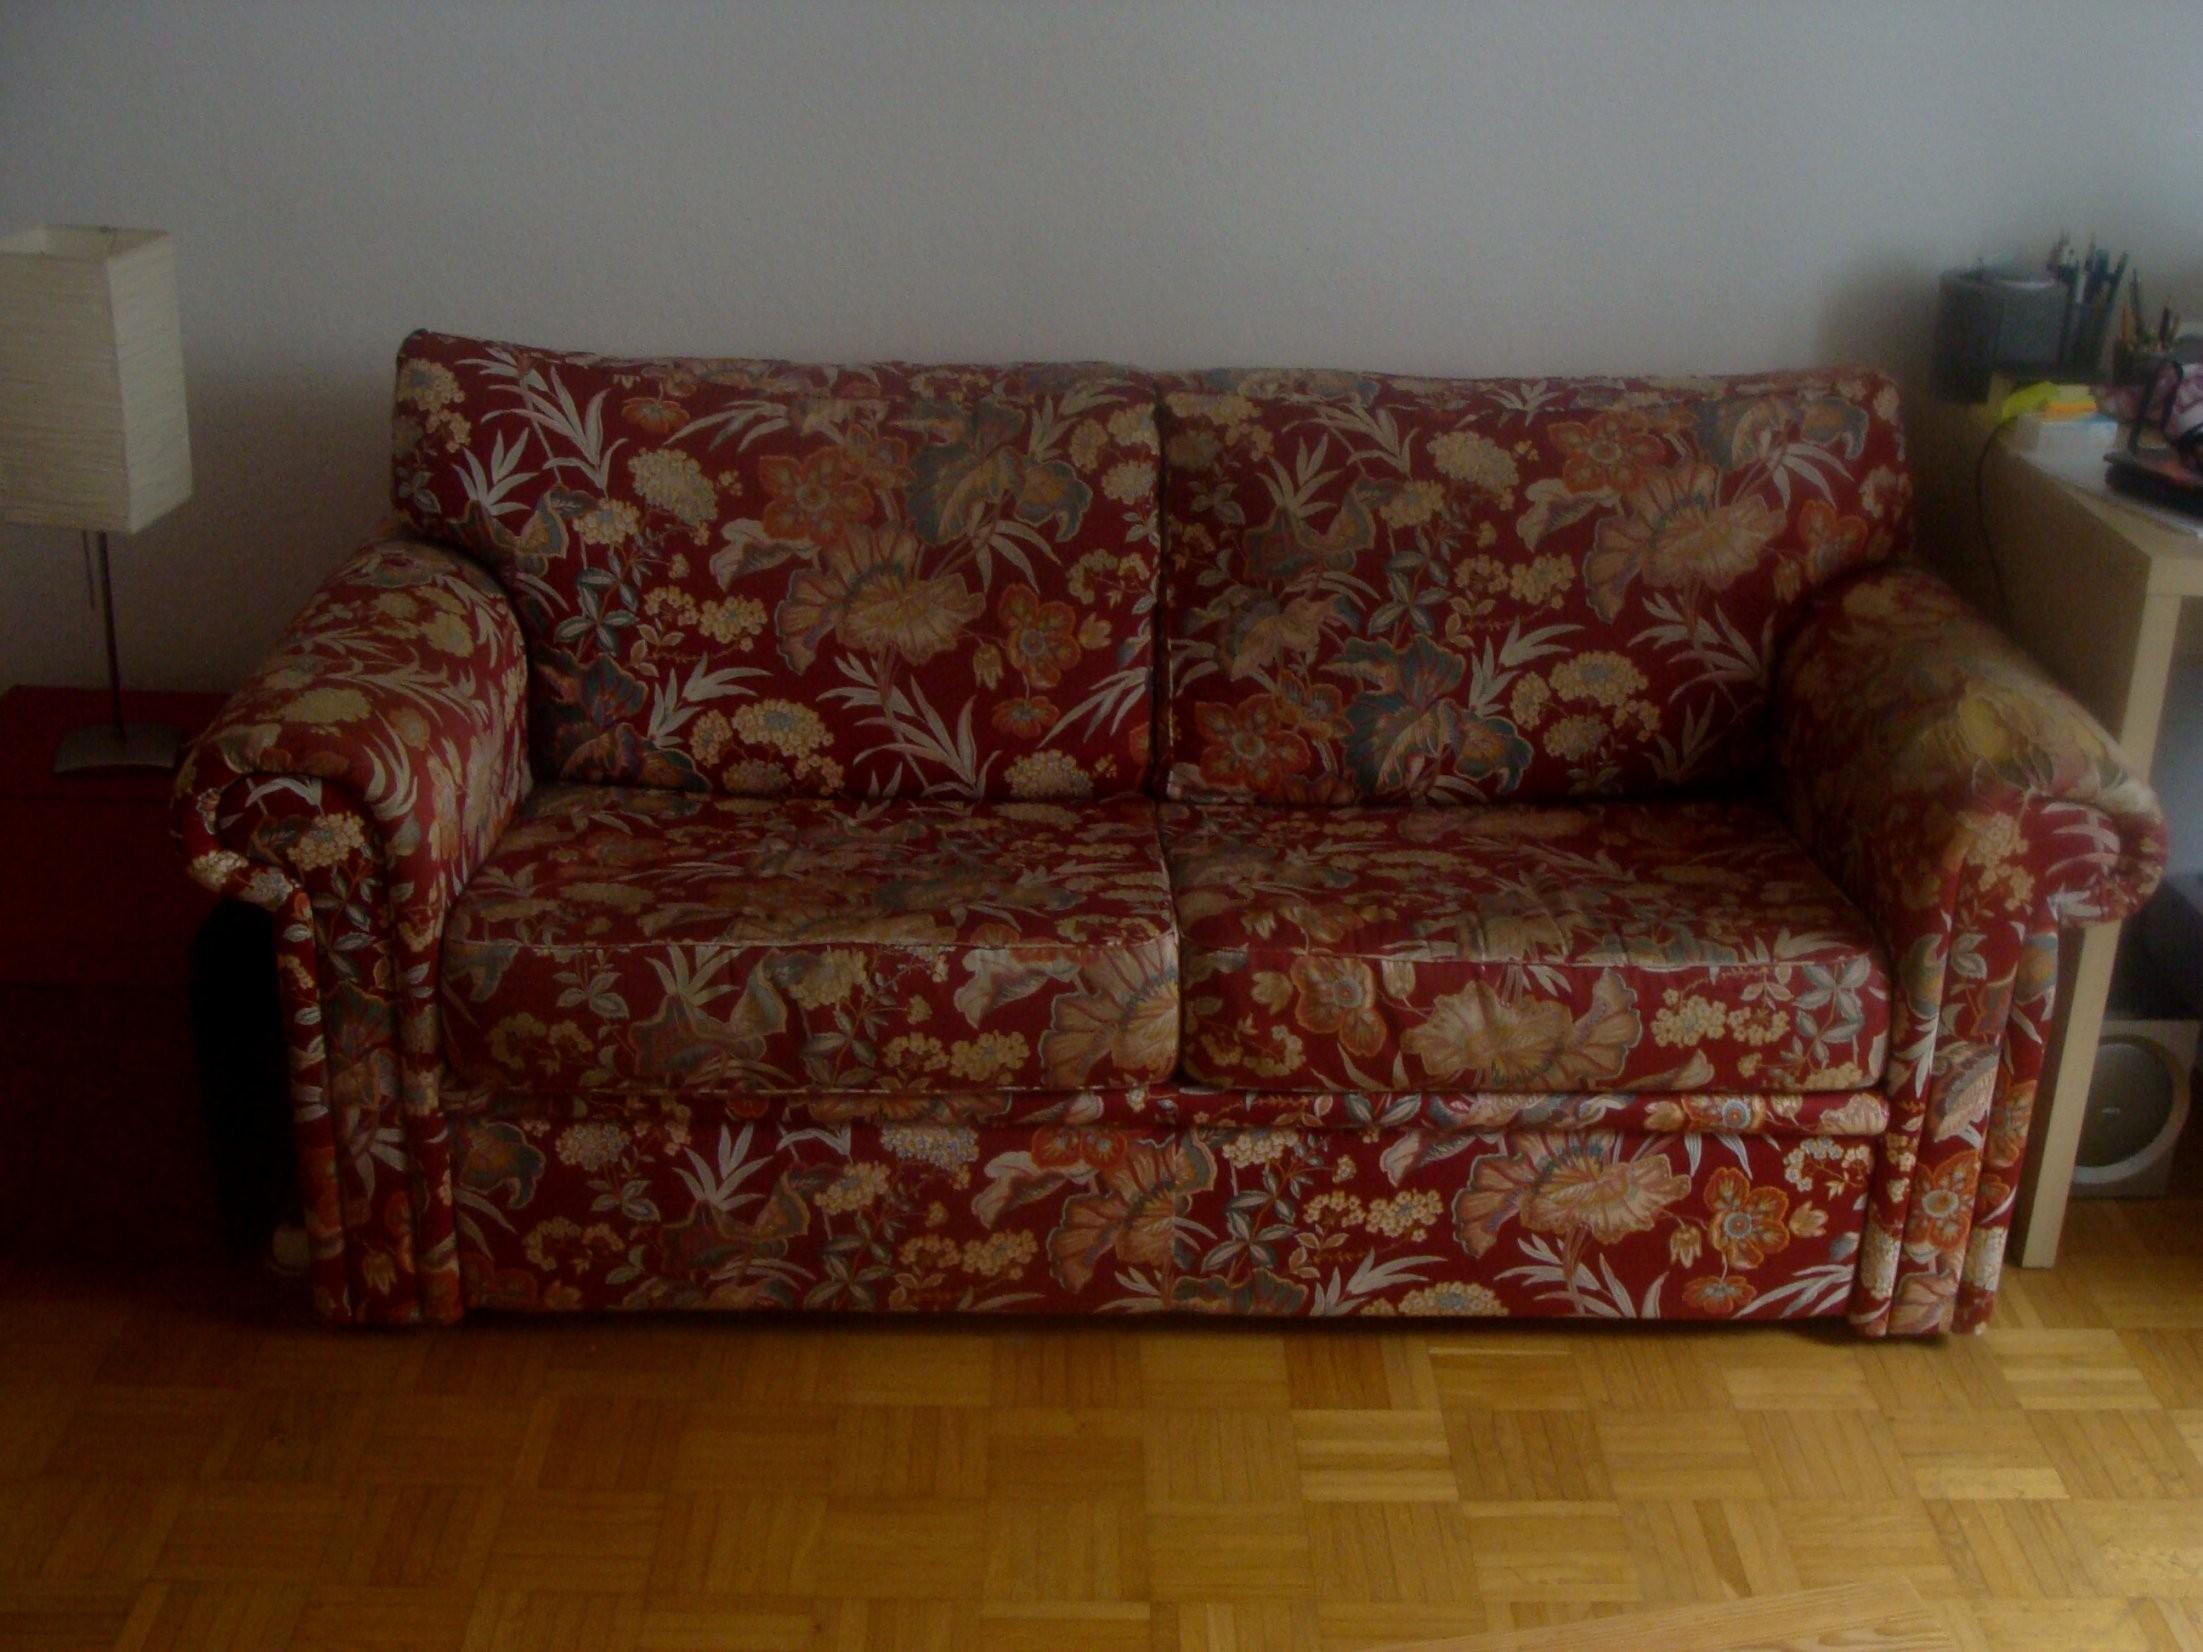 Beeindruckend Sofa Landhausstil Gebraucht 36 With 12204 Hausumbau von Sofa Landhausstil Gebraucht Bild